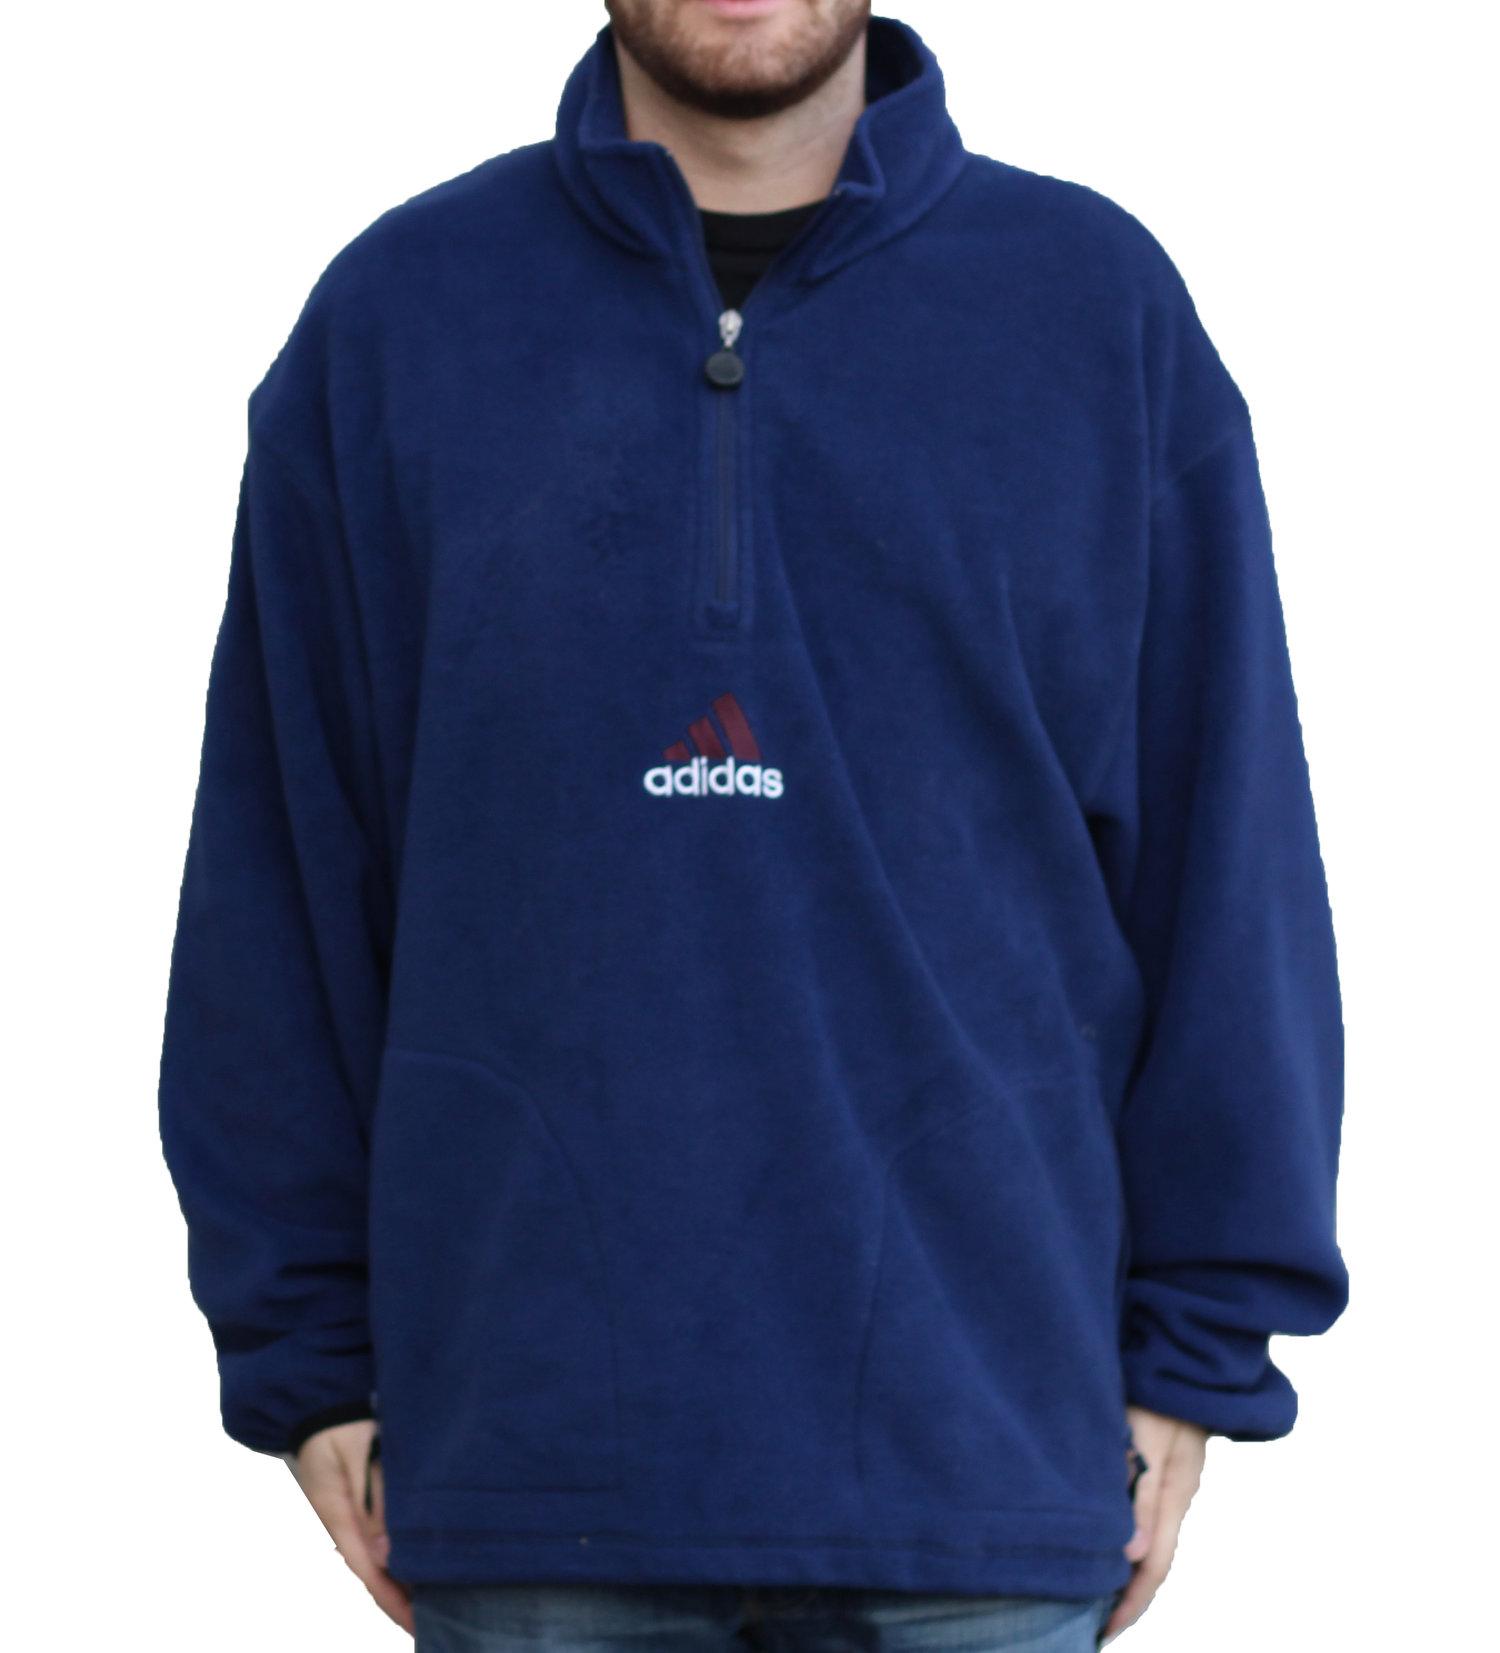 adidas polar fleece 1/4 zip